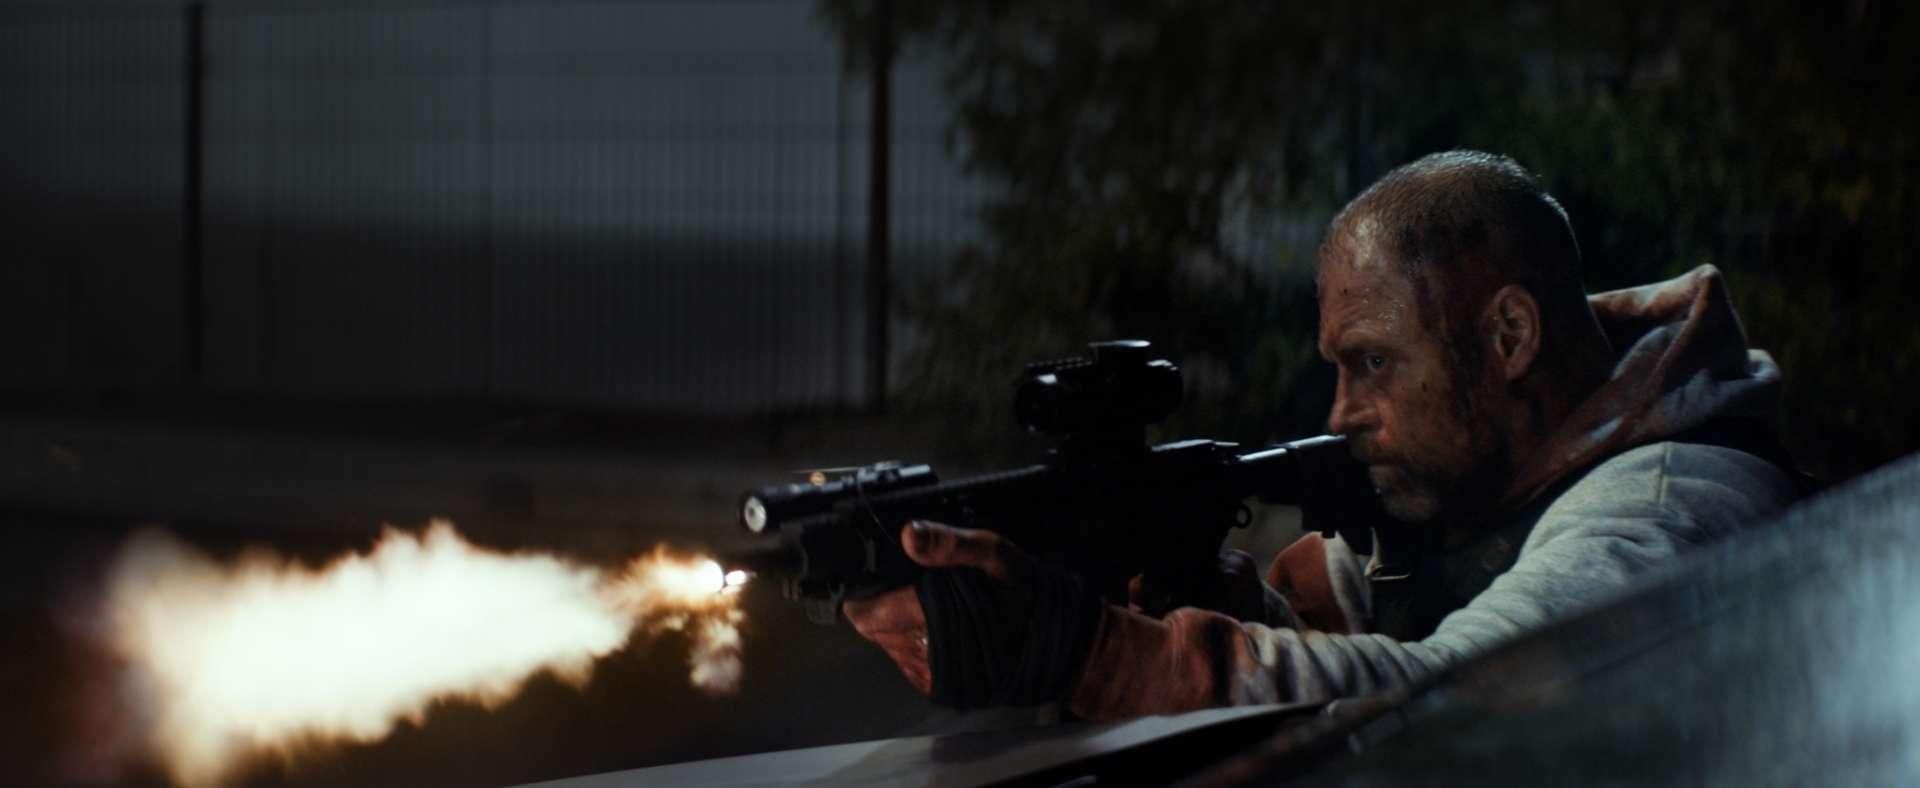 Jacob Lohmann in una scena del film